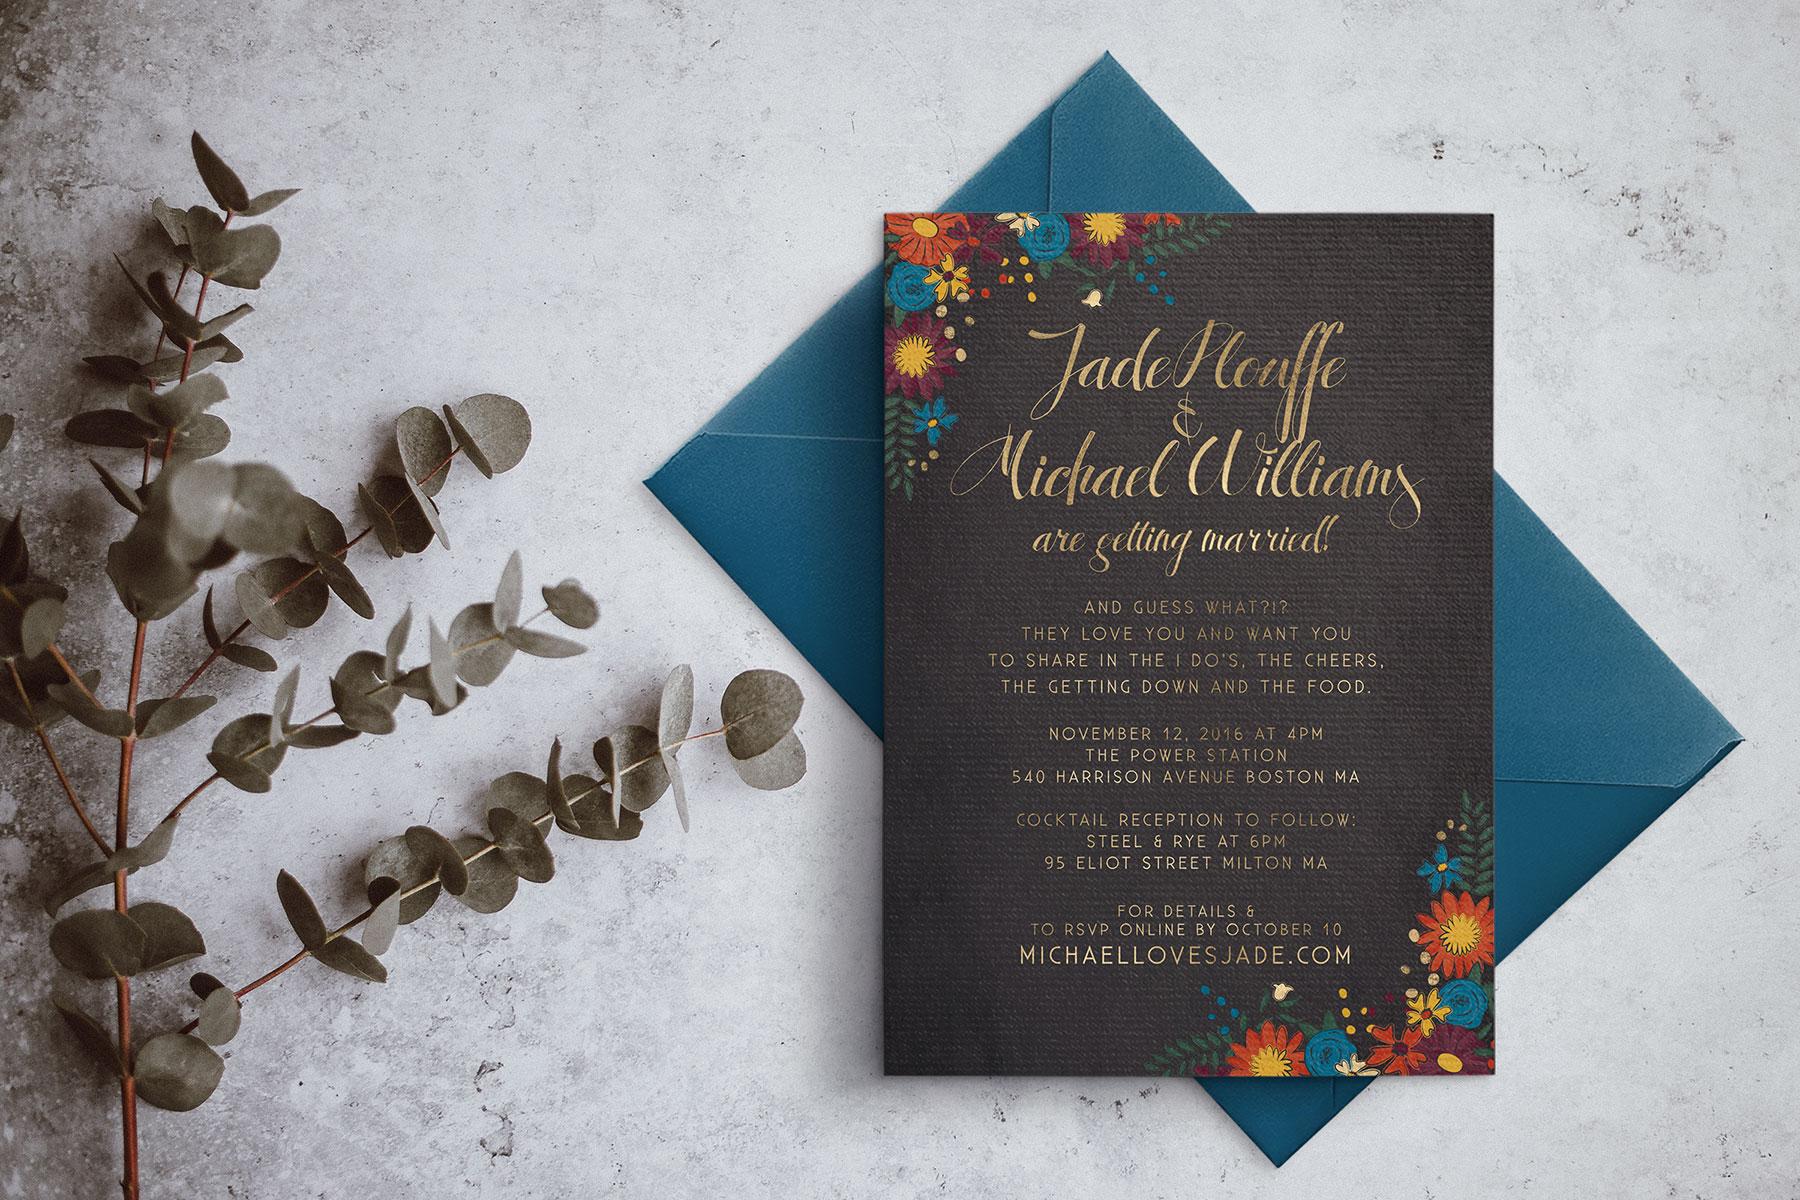 jasmin-plouffe-designer-invitation-05b.jpg